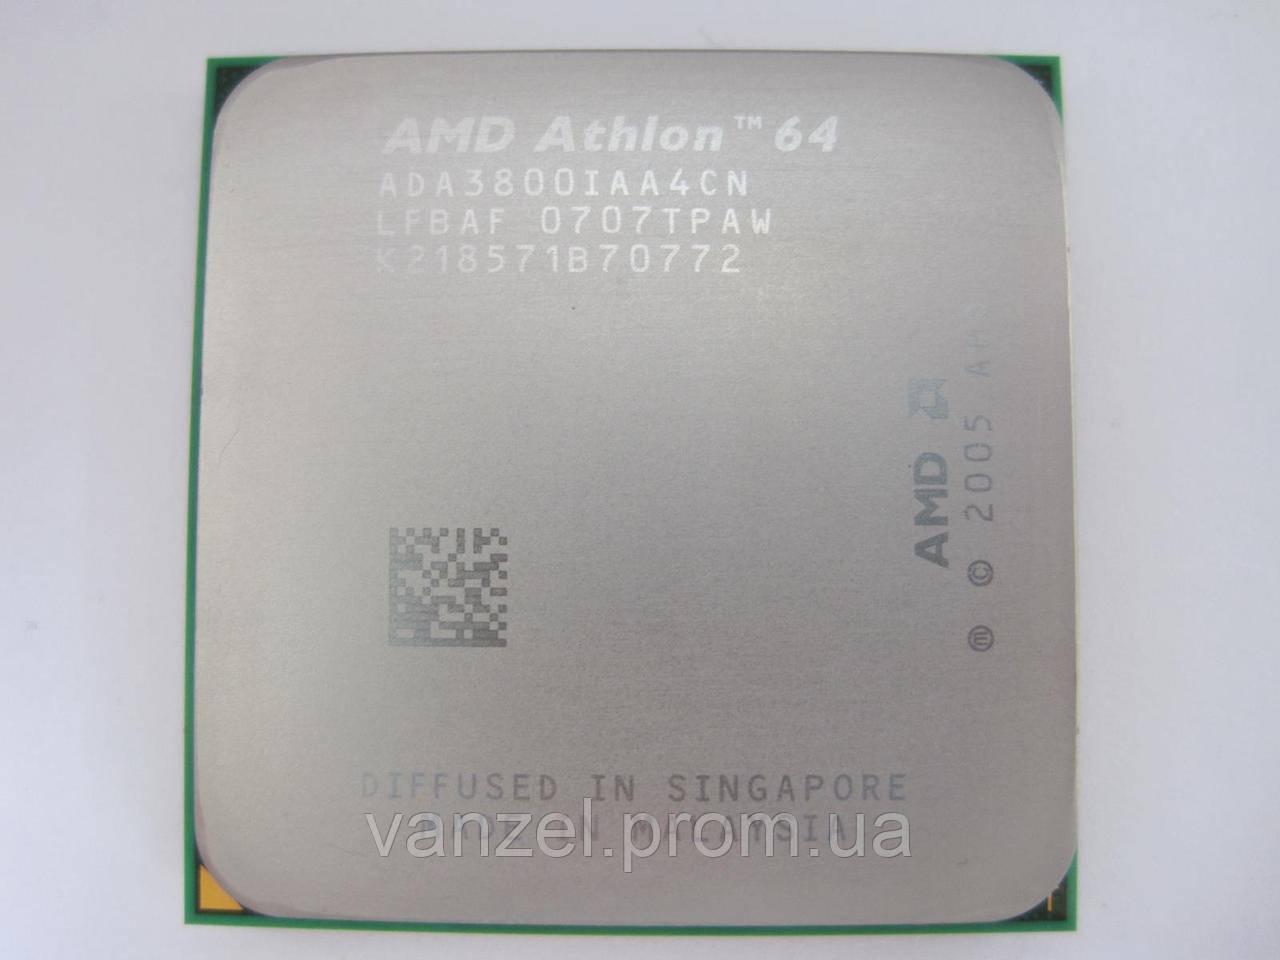 AMD ATHLONTM 64 PROCESSOR 3800 2.4GHZ DESCARGAR CONTROLADOR